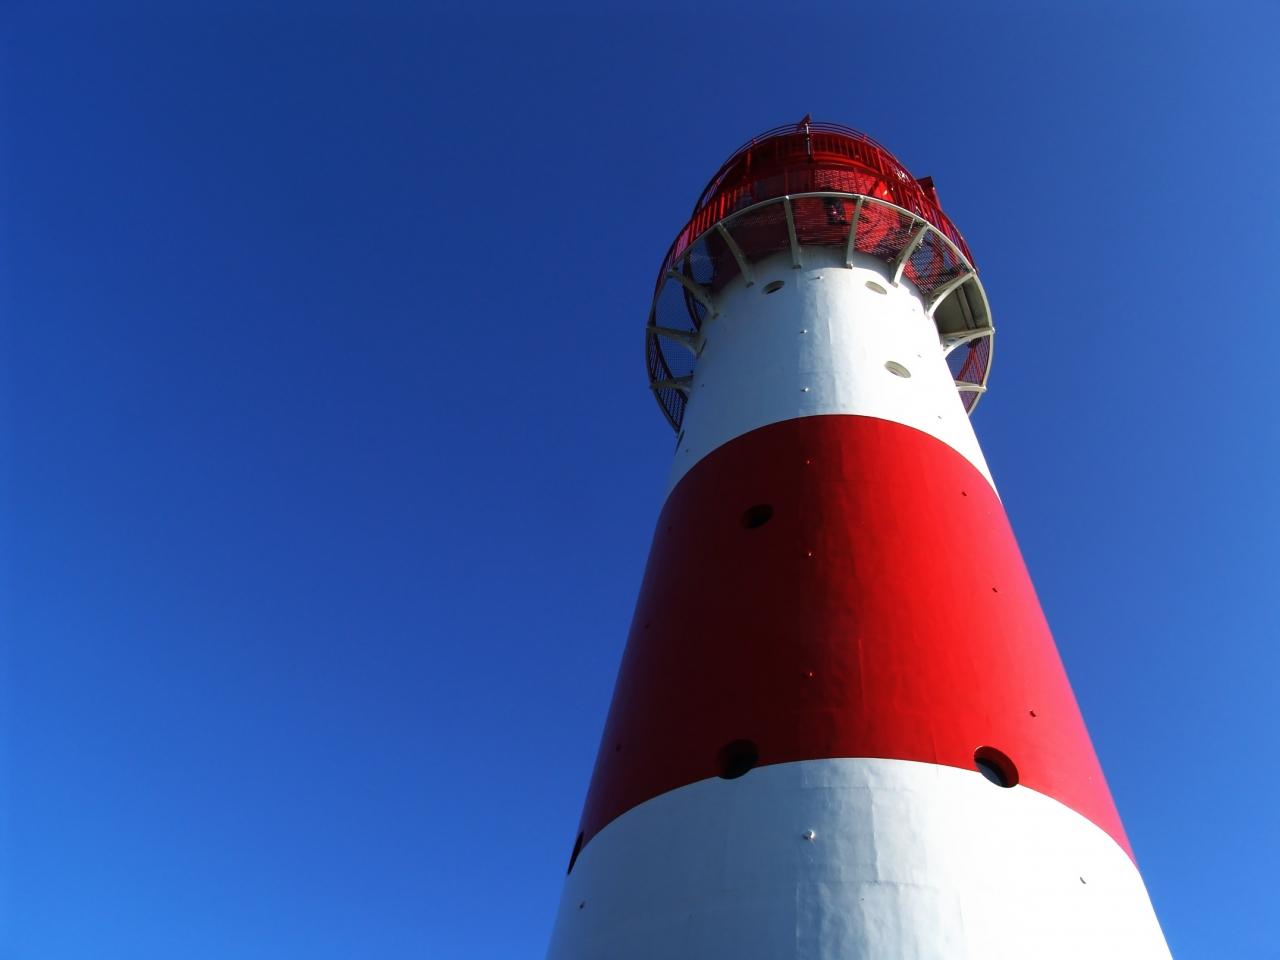 Leuchtturm vor einem blauen Himmel